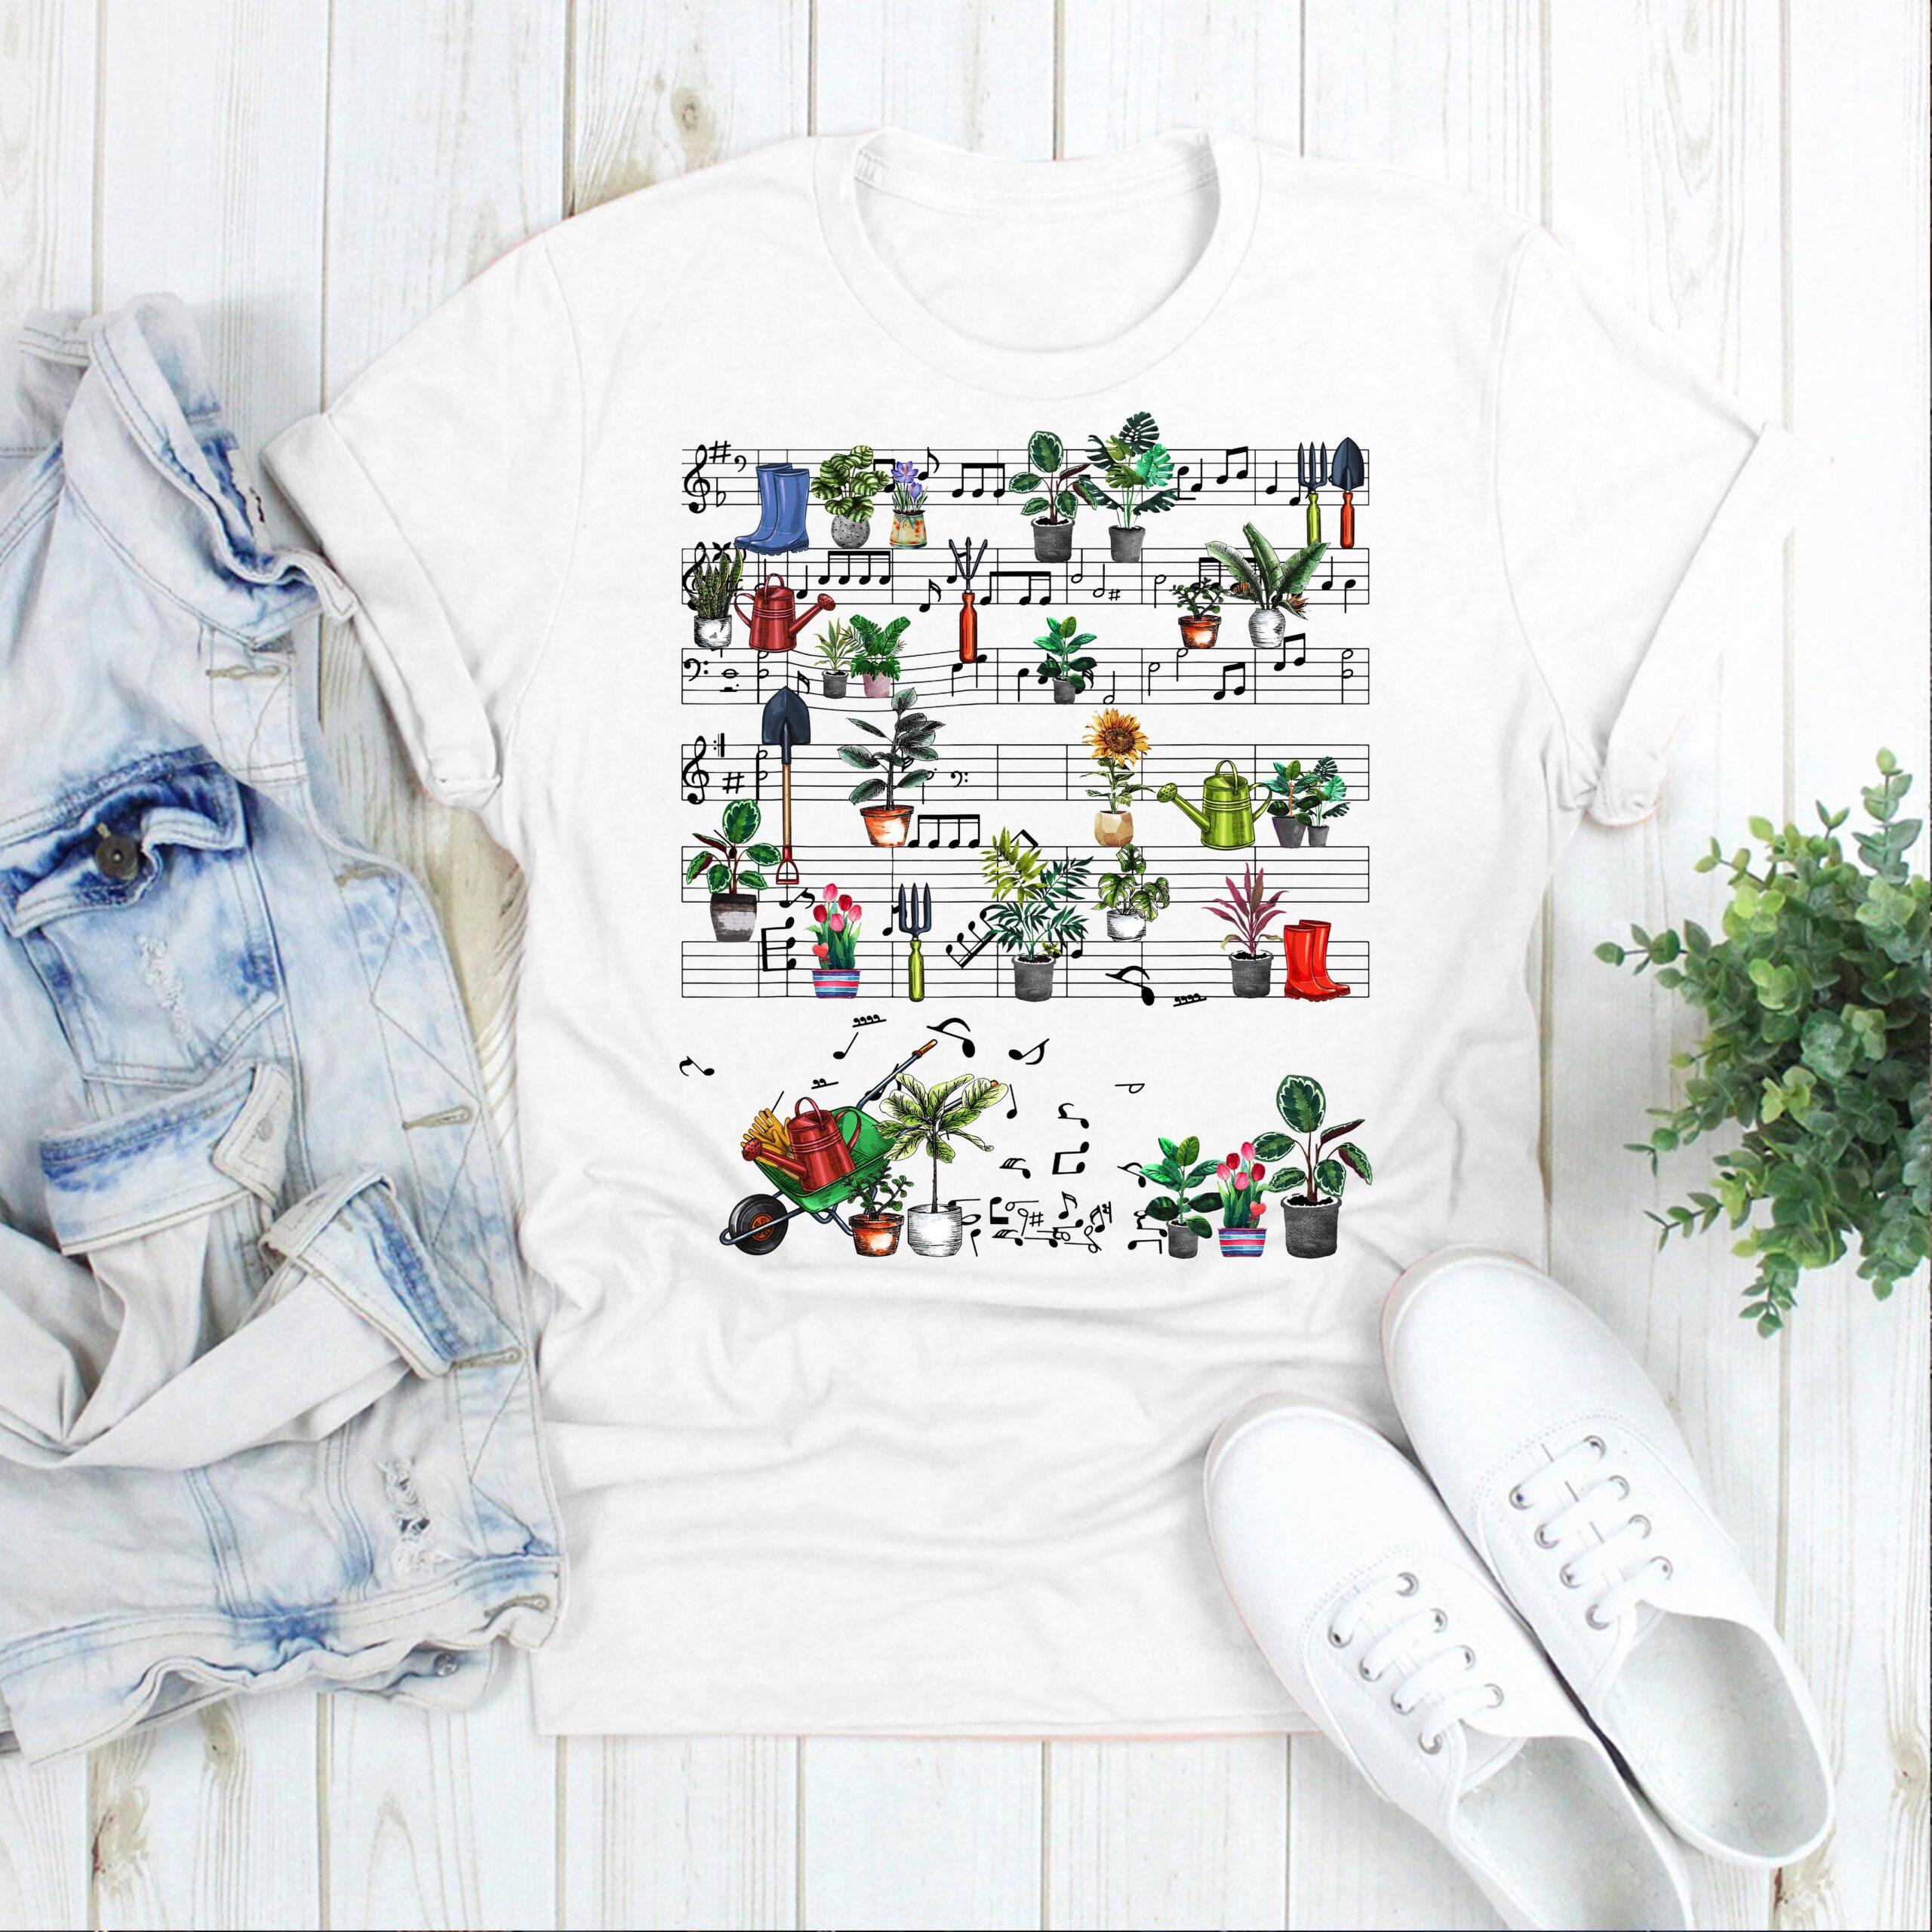 Garden Shirt Plants Music Notes